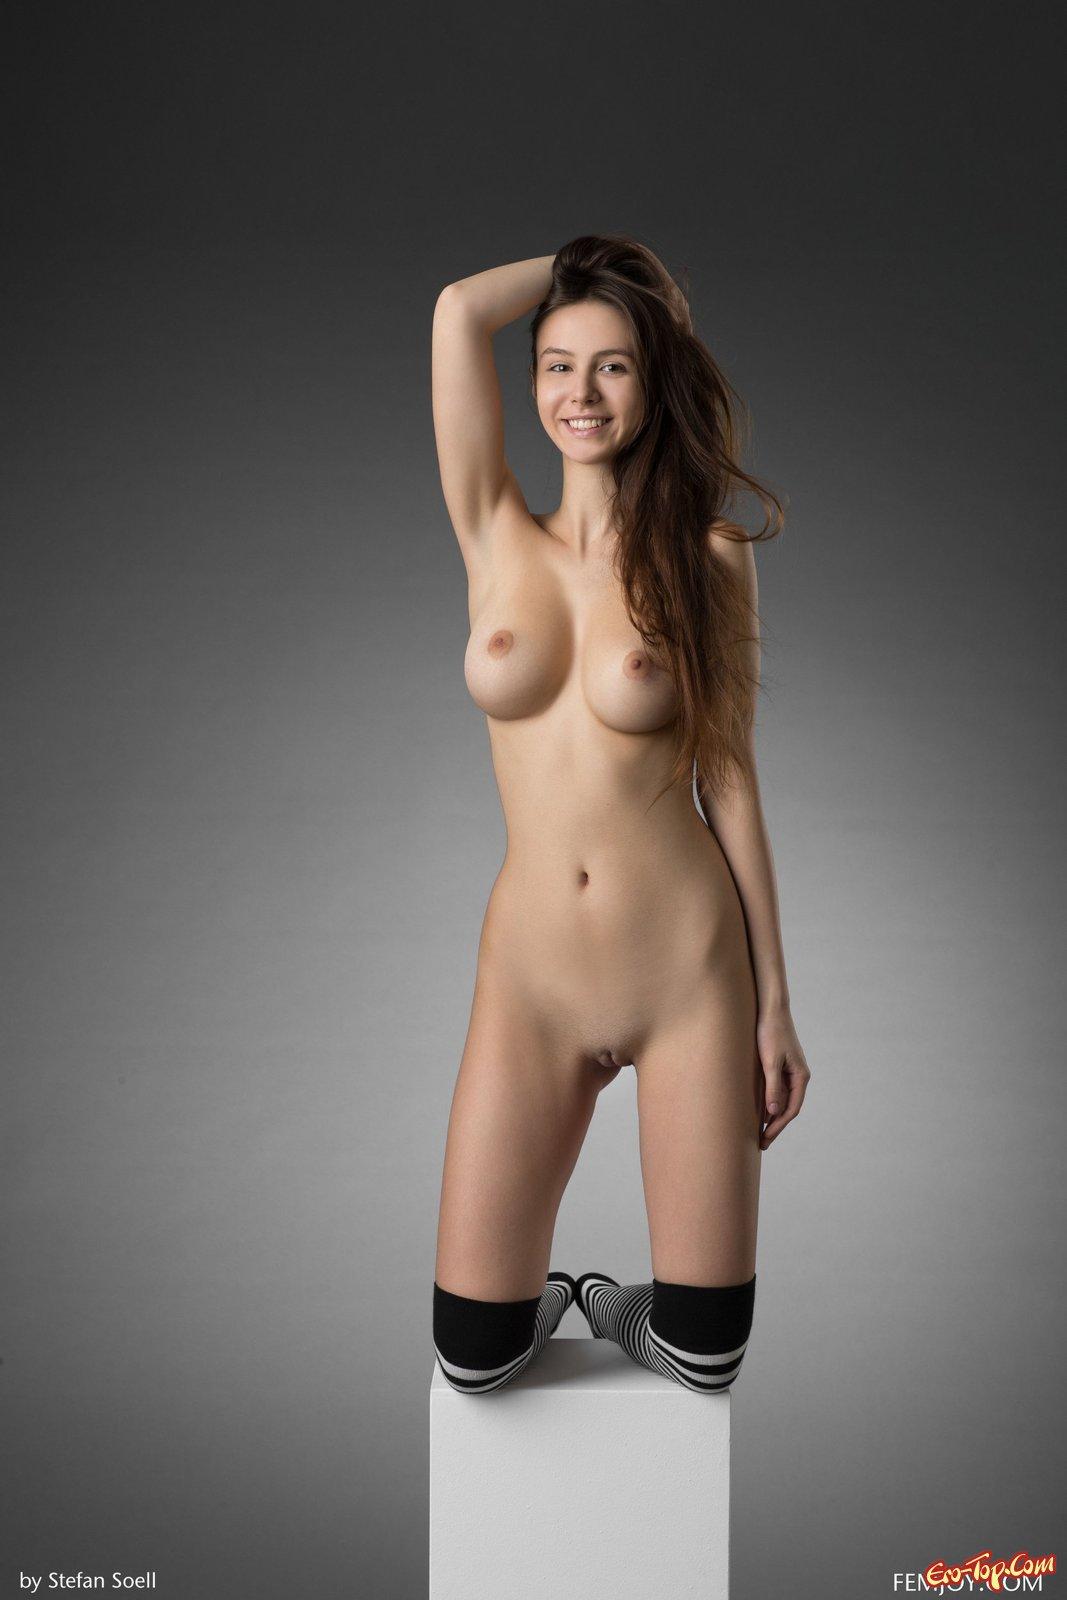 Голая красотка с шикарной грудью в полосатых чулках